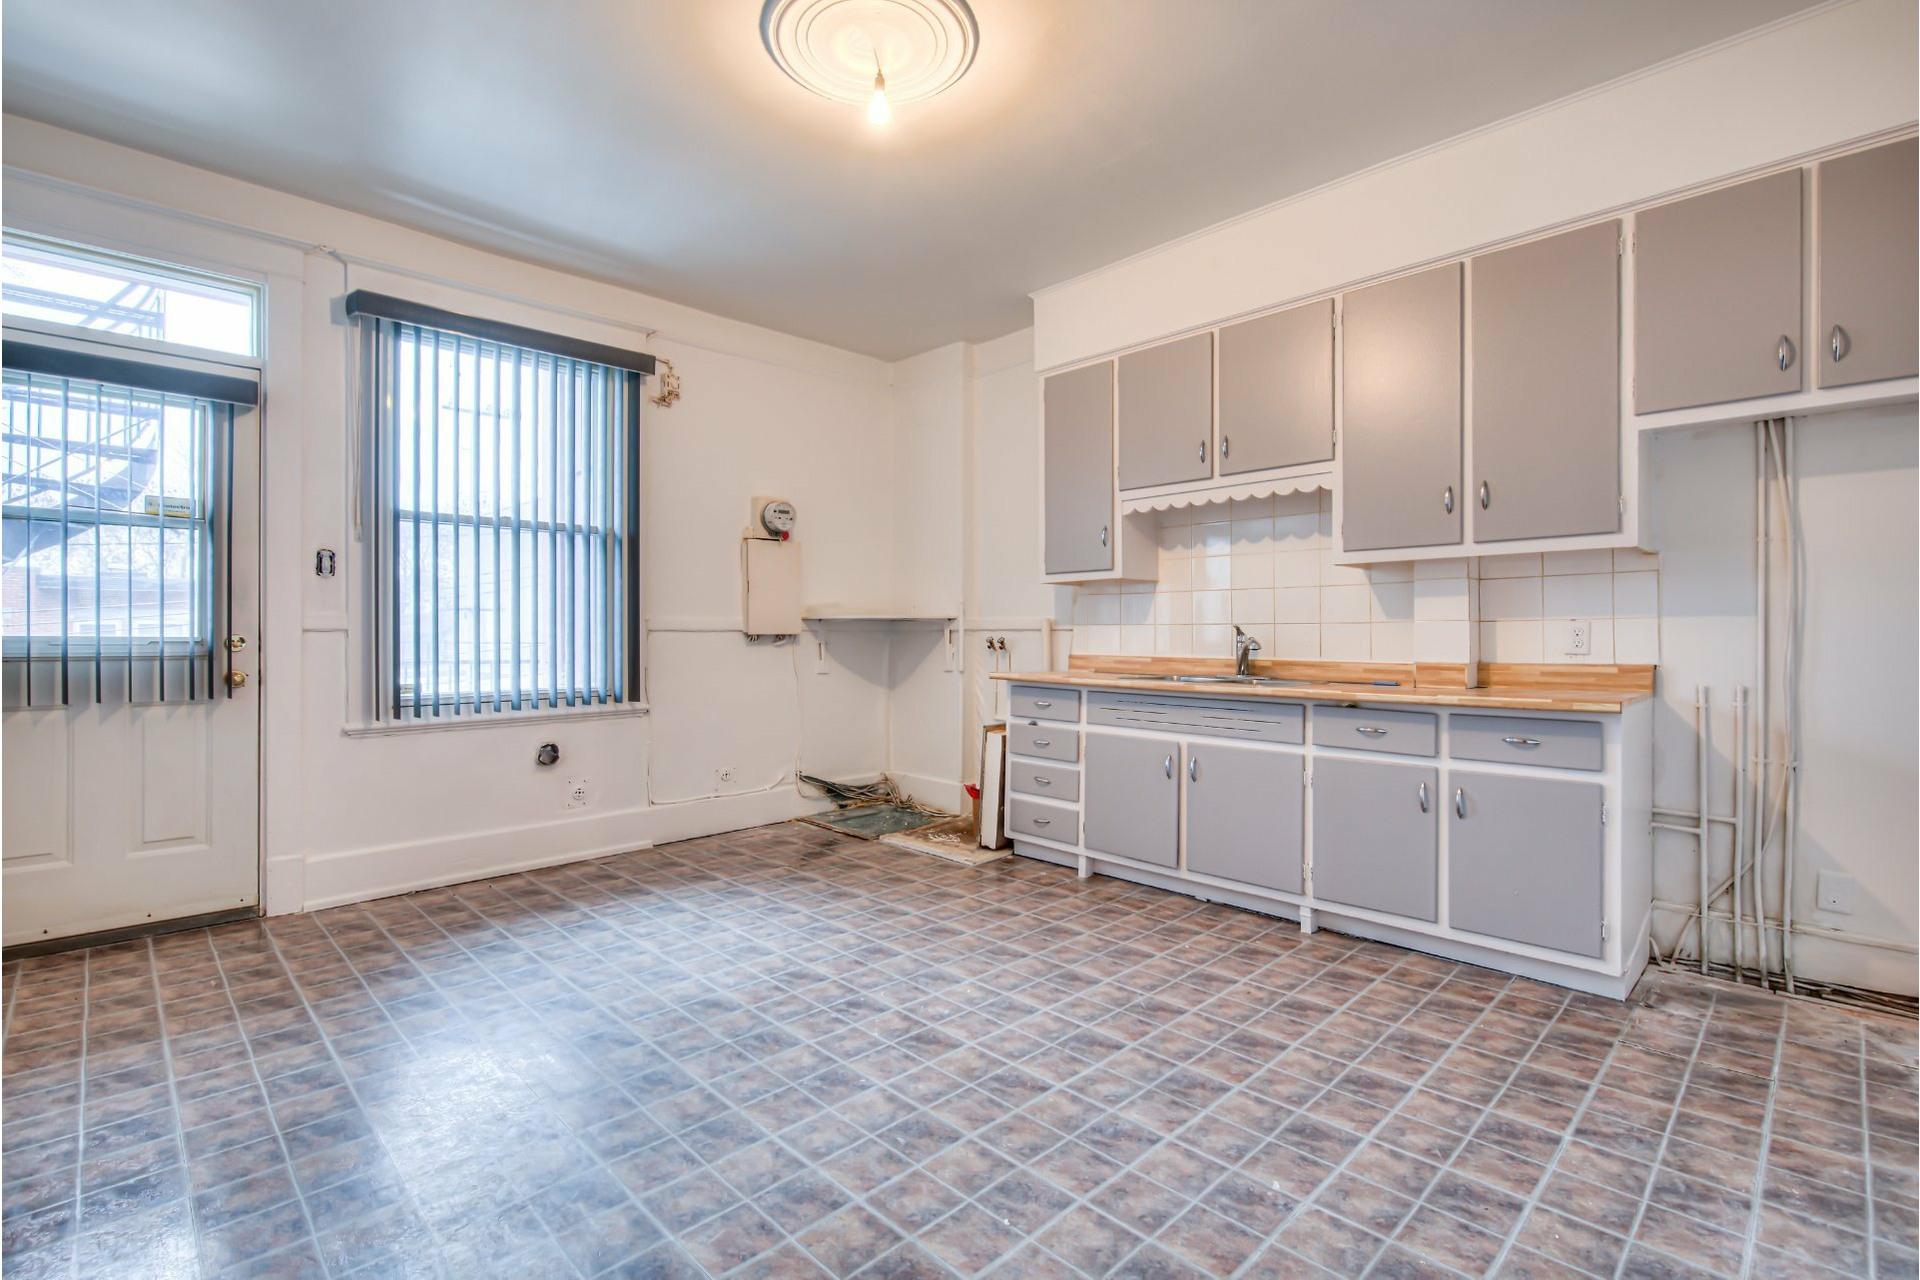 image 18 - Triplex For sale Le Sud-Ouest Montréal  - 4 rooms